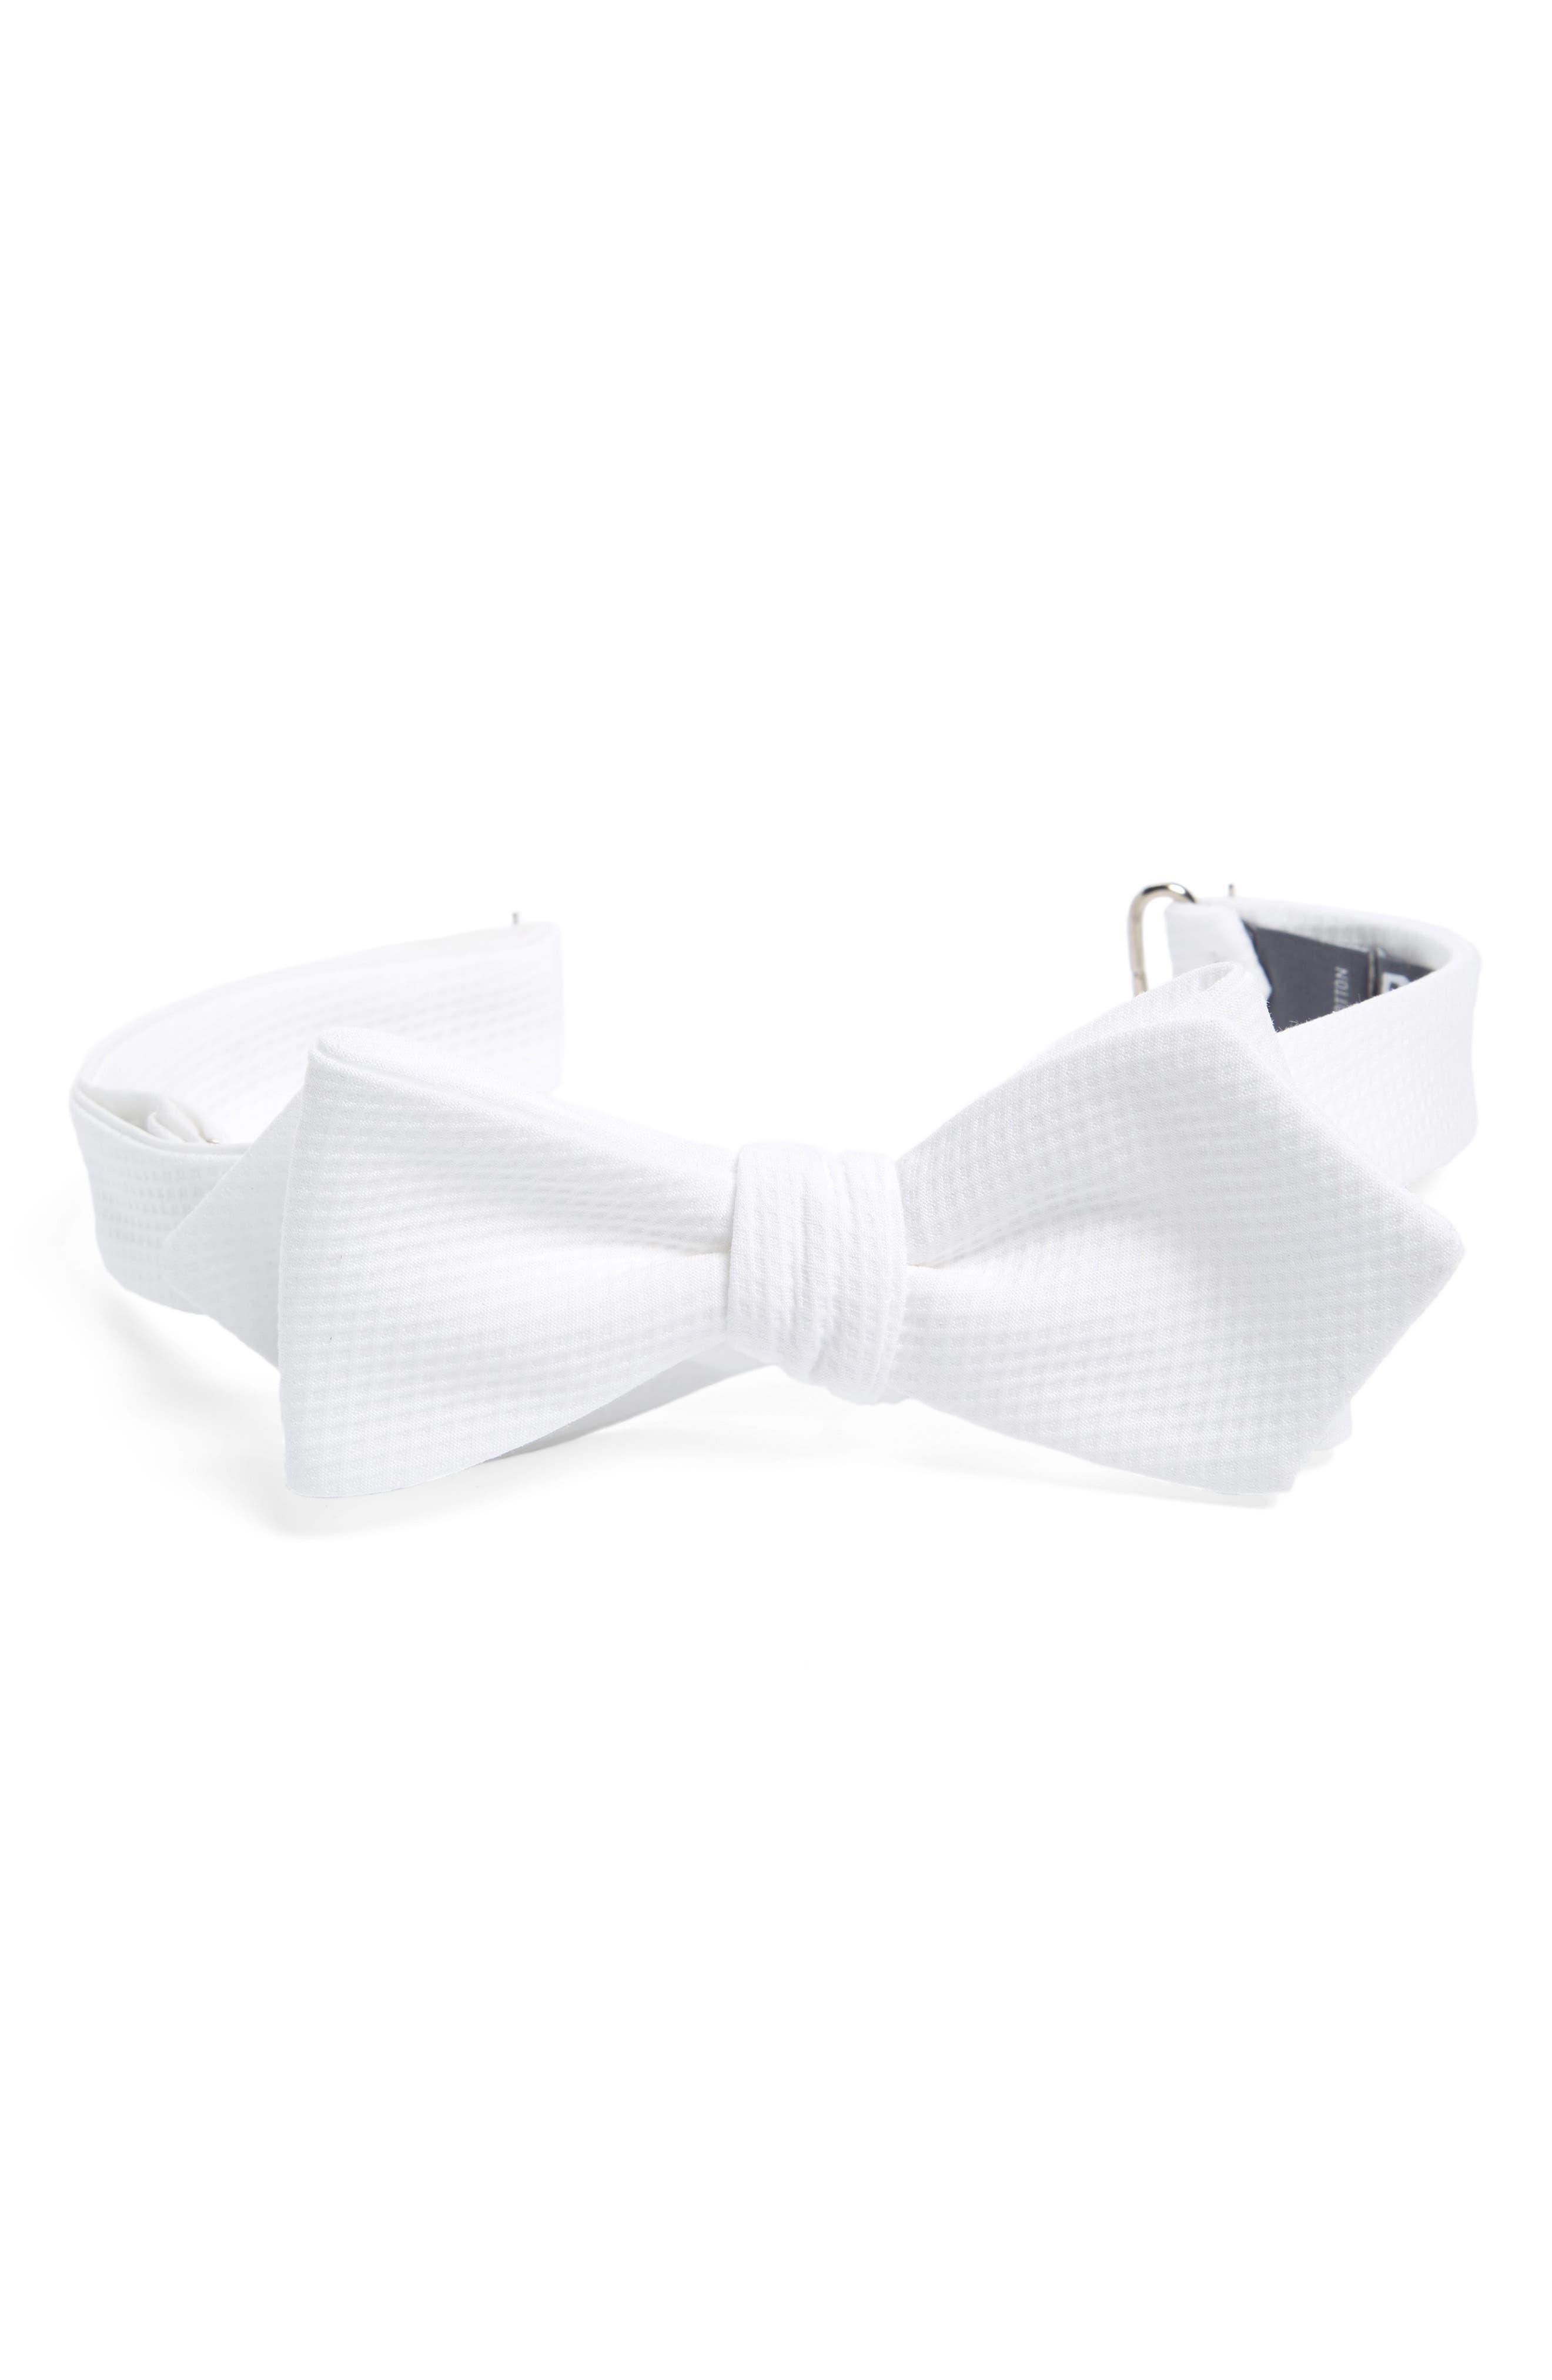 Piqué Cotton Bow Tie,                         Main,                         color, WHITE